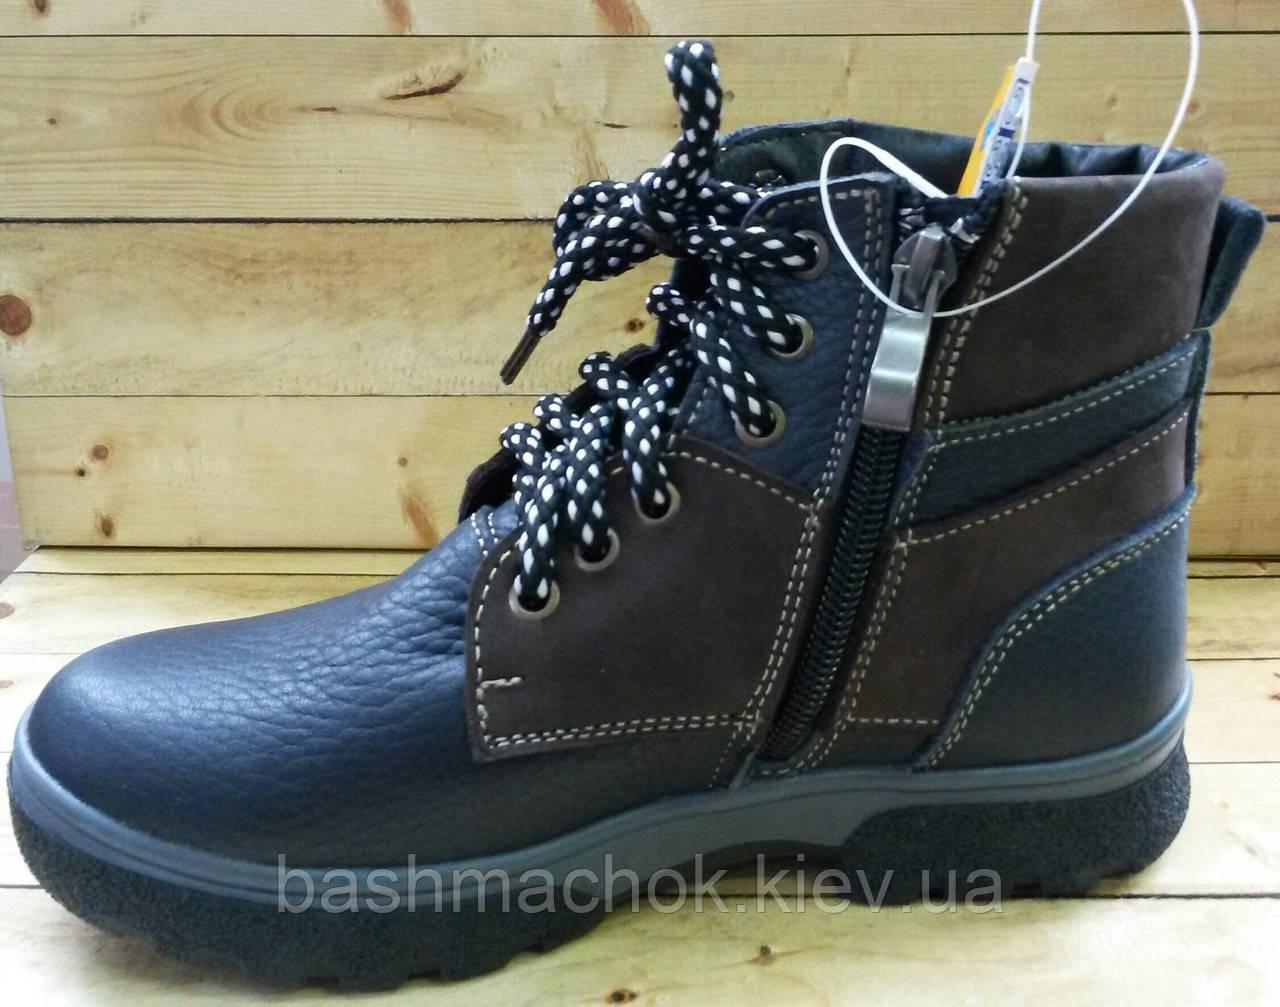 93200969 Подростковые ботинки зимние на шерсти ТМ Jordan размеры 32,34,37, цена 1  000 грн., купить в Киеве — Prom.ua (ID#418609105)